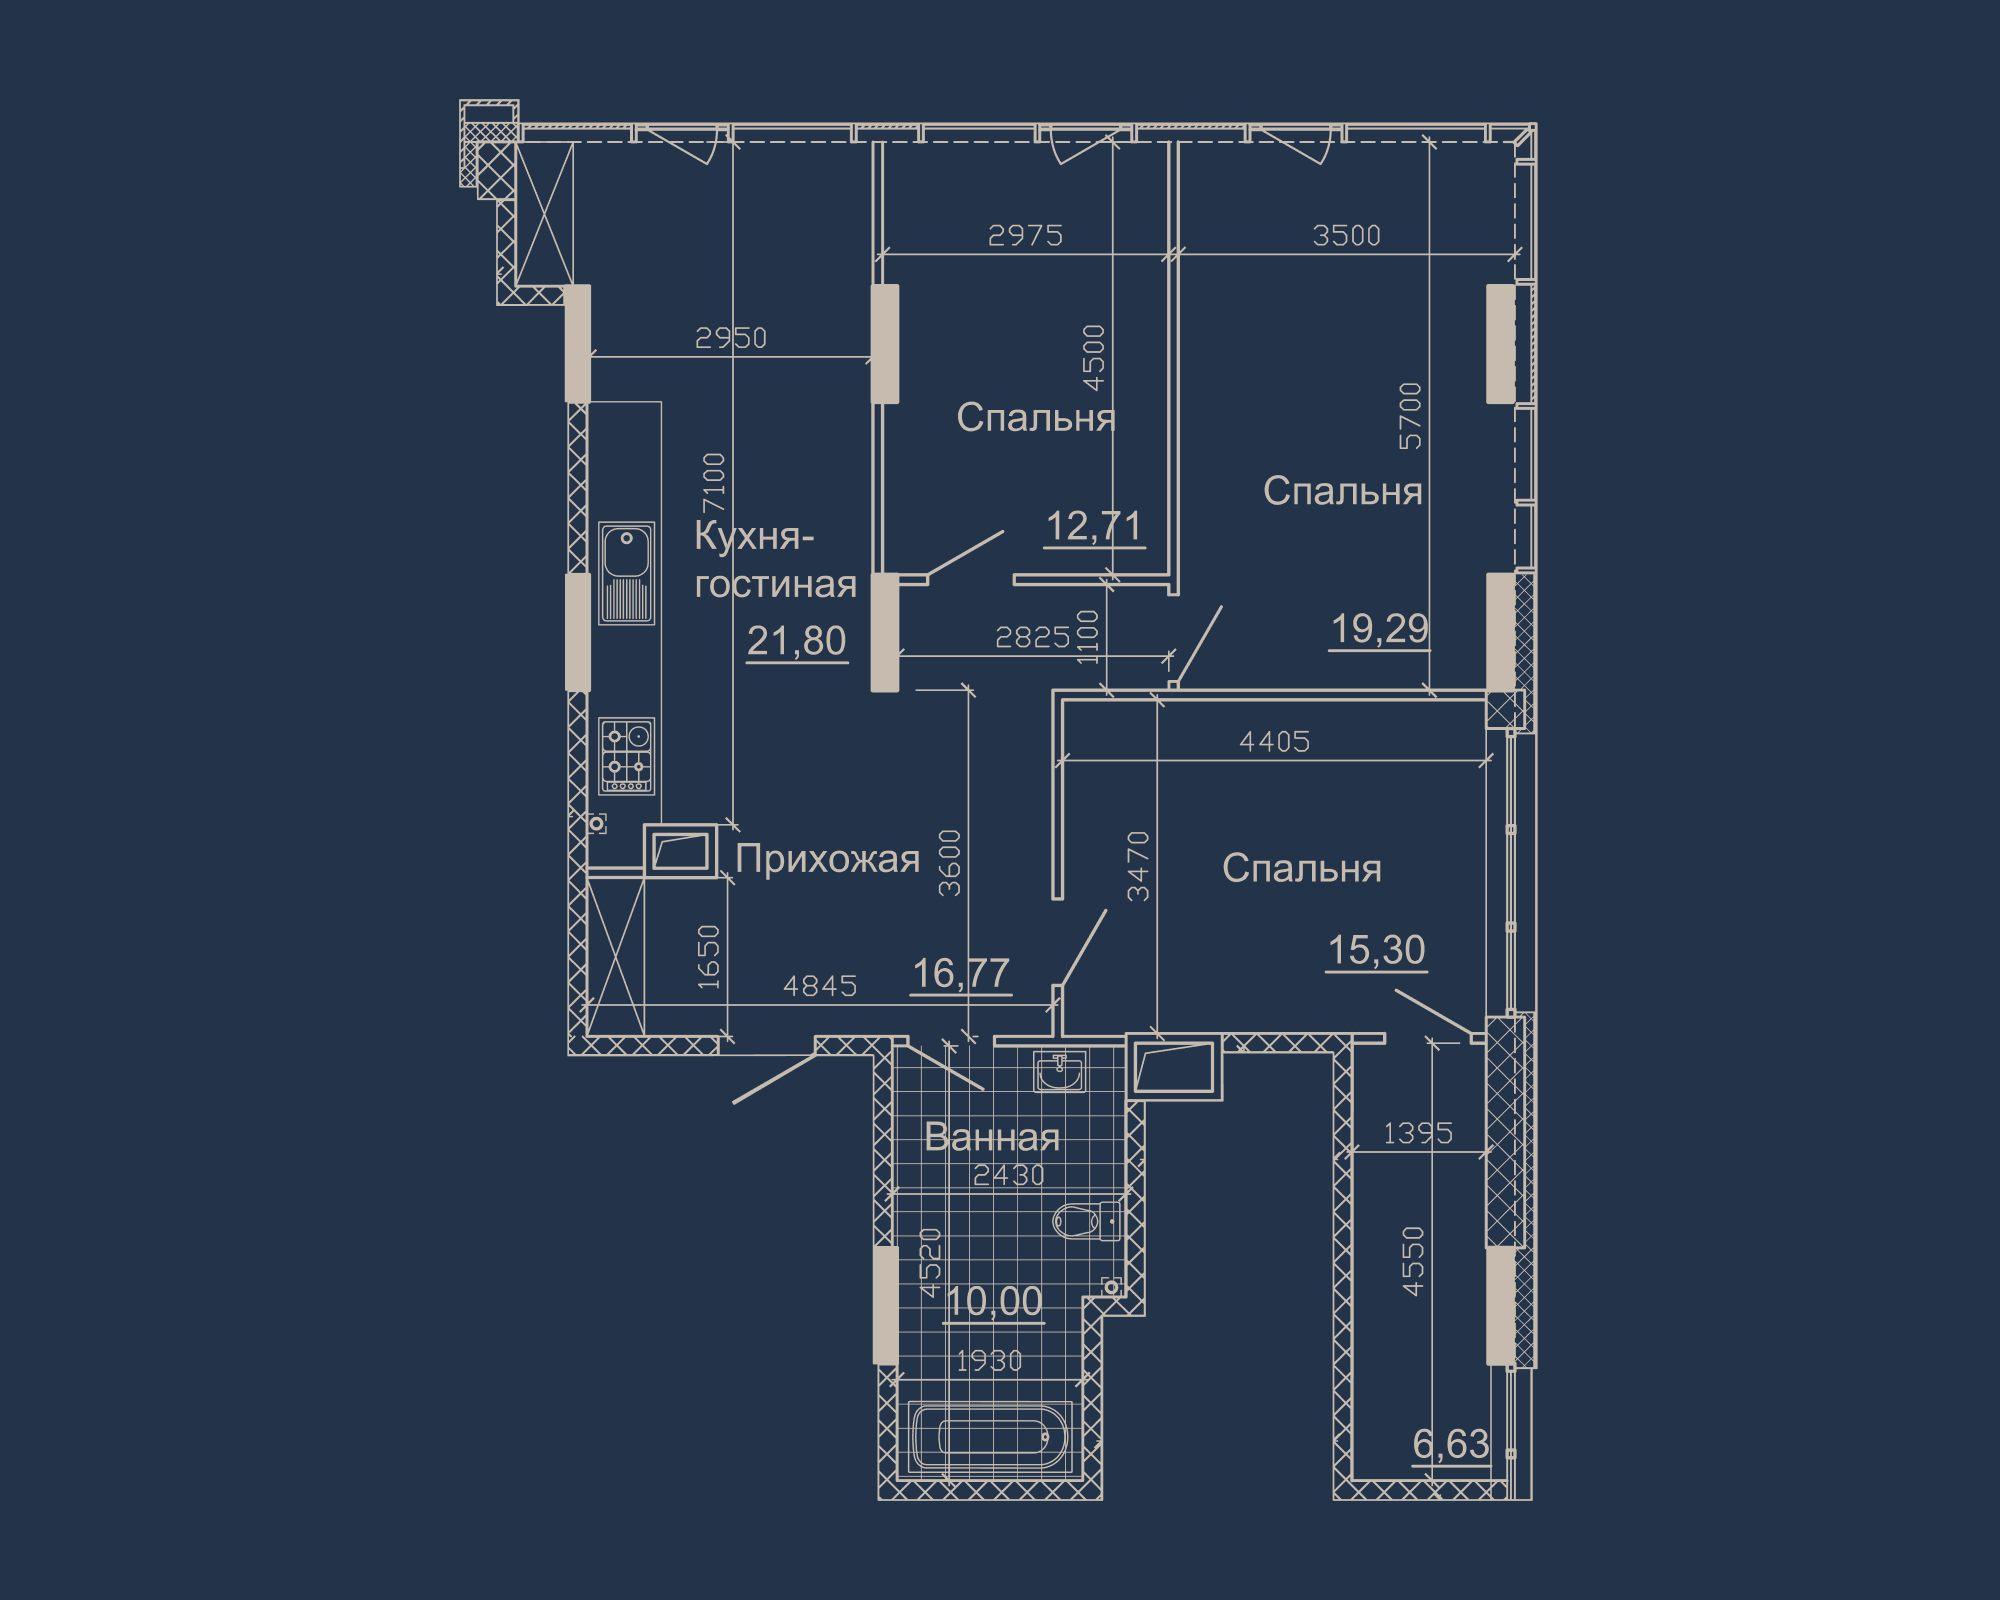 3-кімнатна квартира типу 01Б-2 у ЖК Nebo